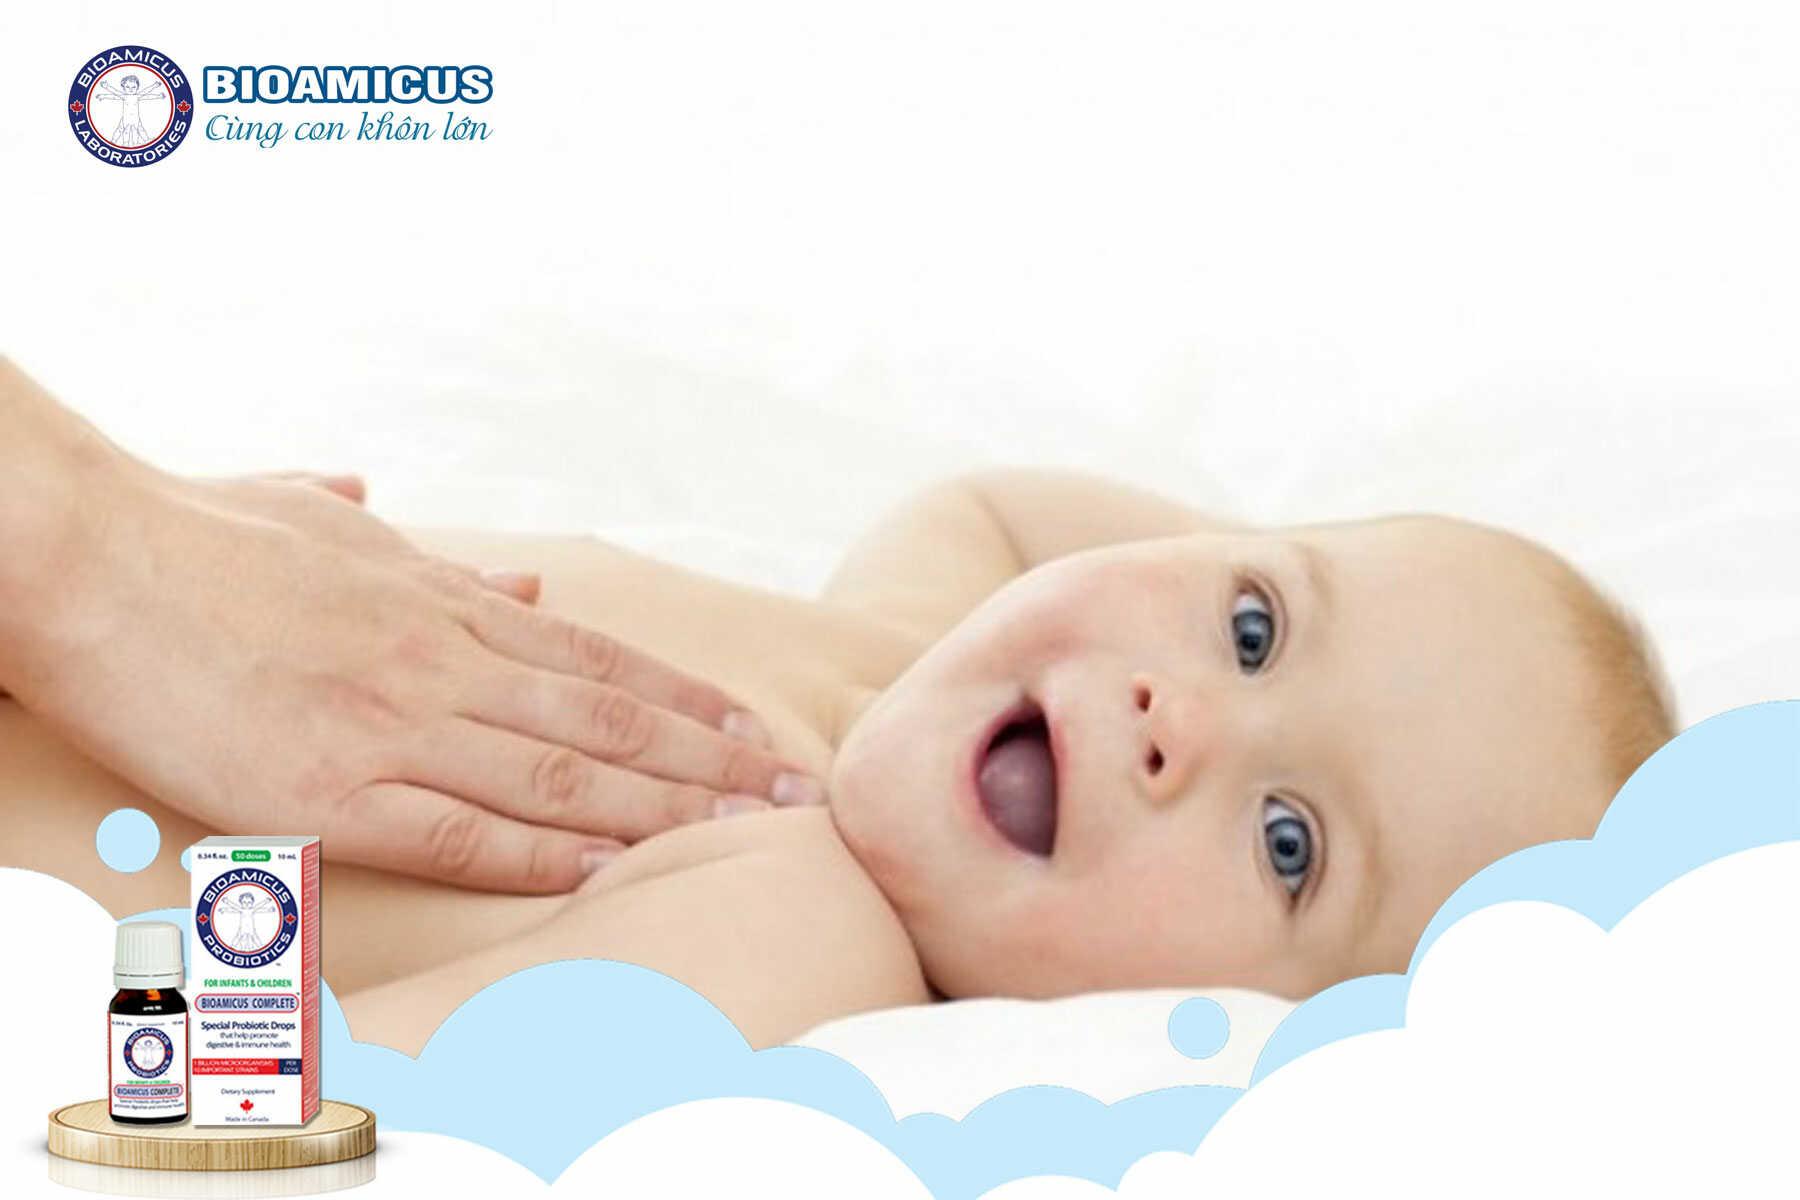 Khóc quấy đên ở trẻ sơ sinh